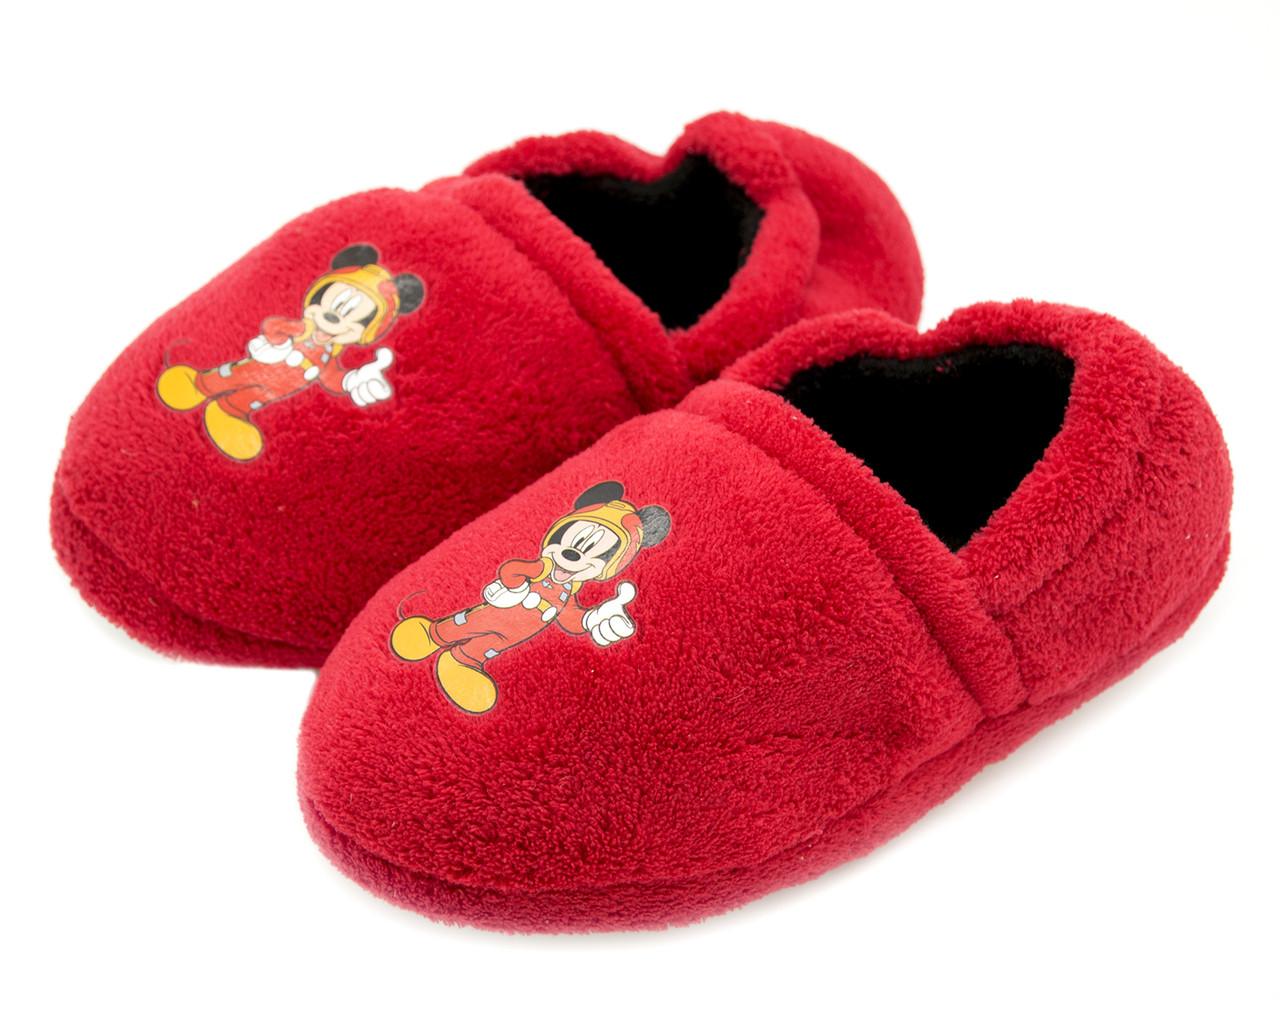 Комнатные тапочки  детские Disney Германия Красные Размеры: 28-29;